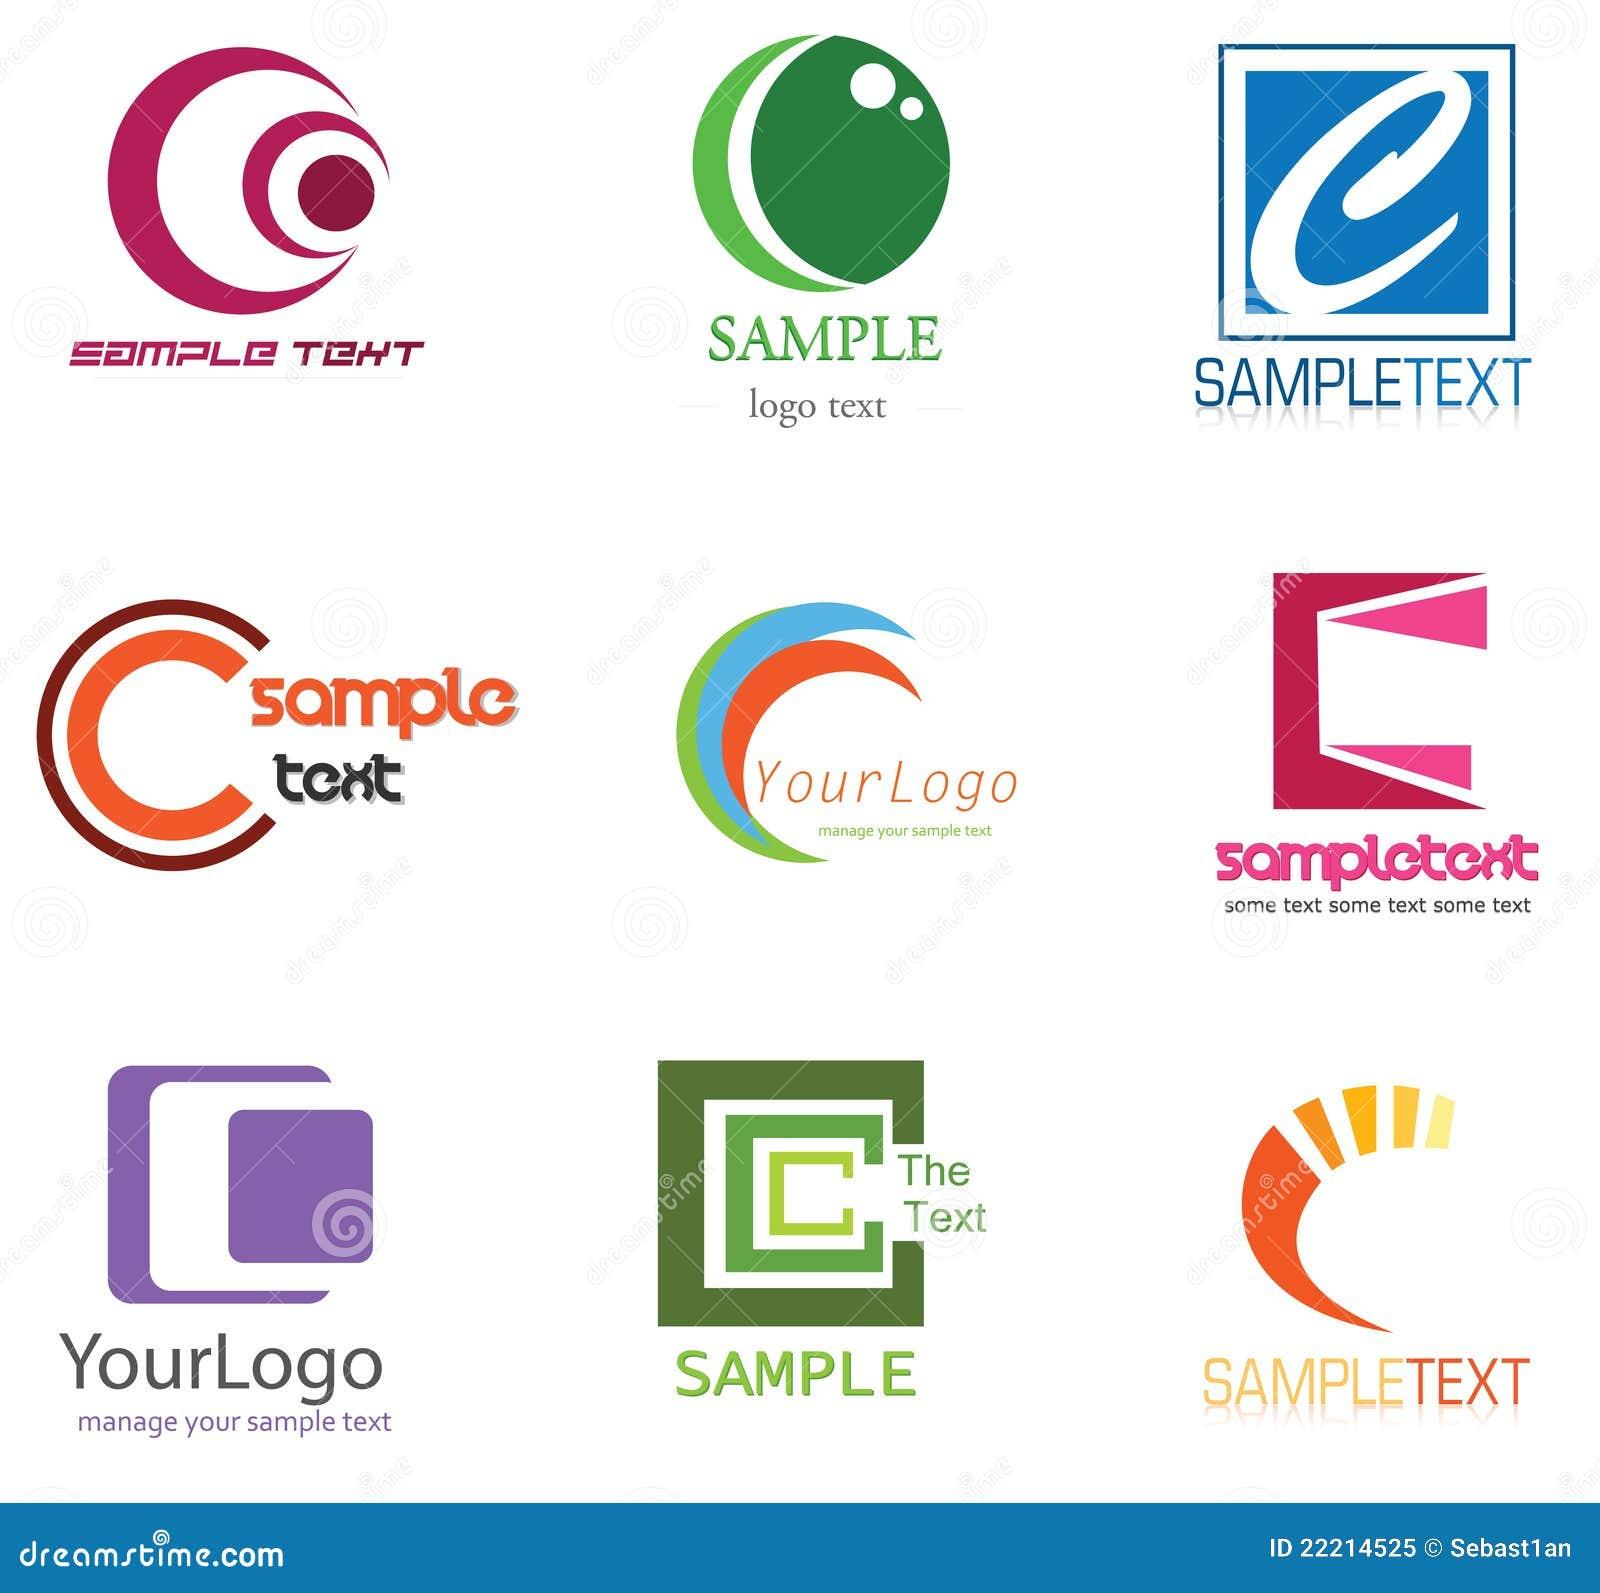 C Logo Images Letter C Logo